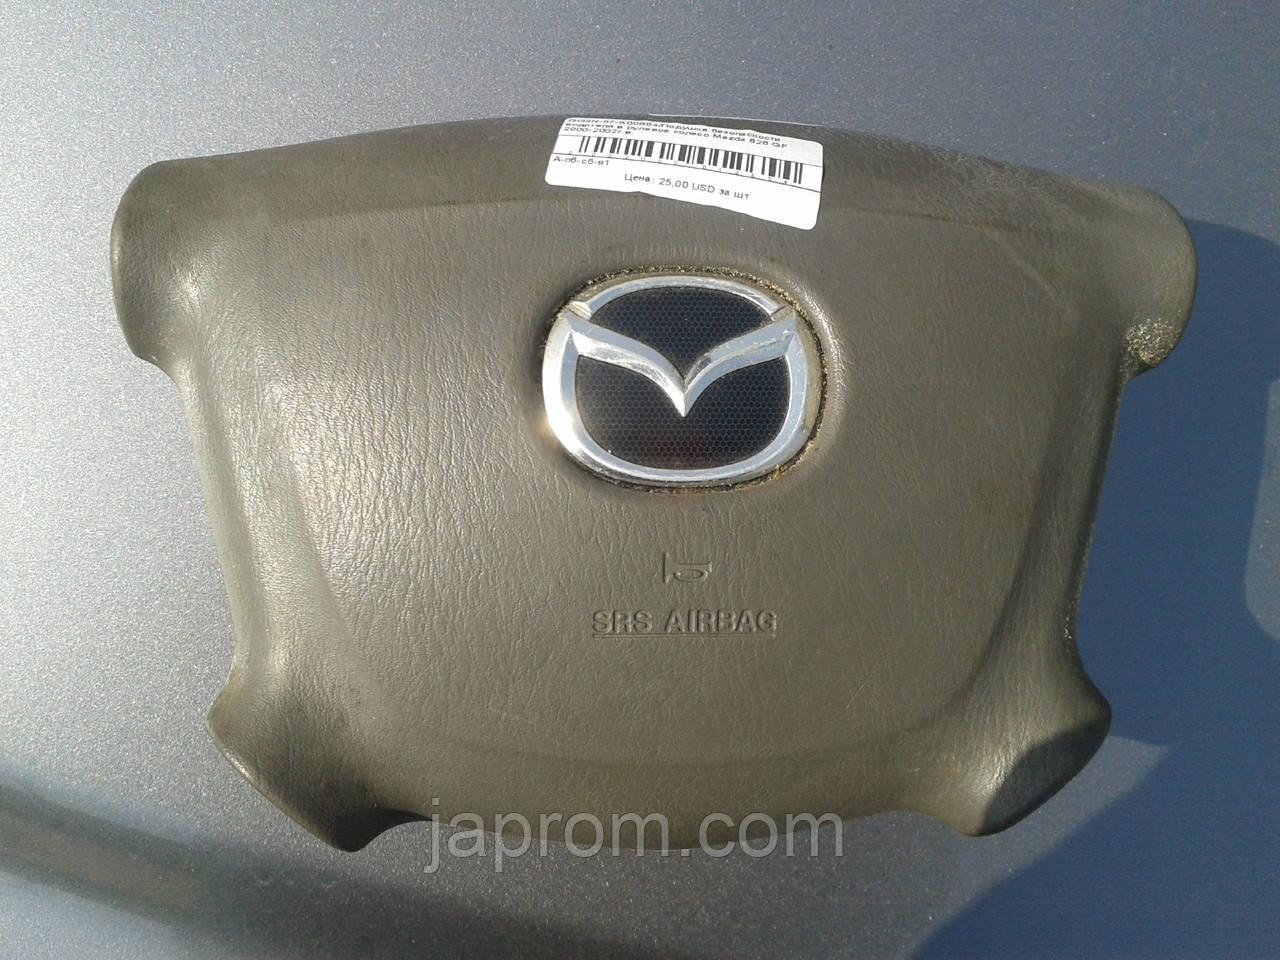 Подушка безопасности водителя в рулевое колесоMazda 323 BJ 626 GF Premacy 2000-2002г.в. Рестайл